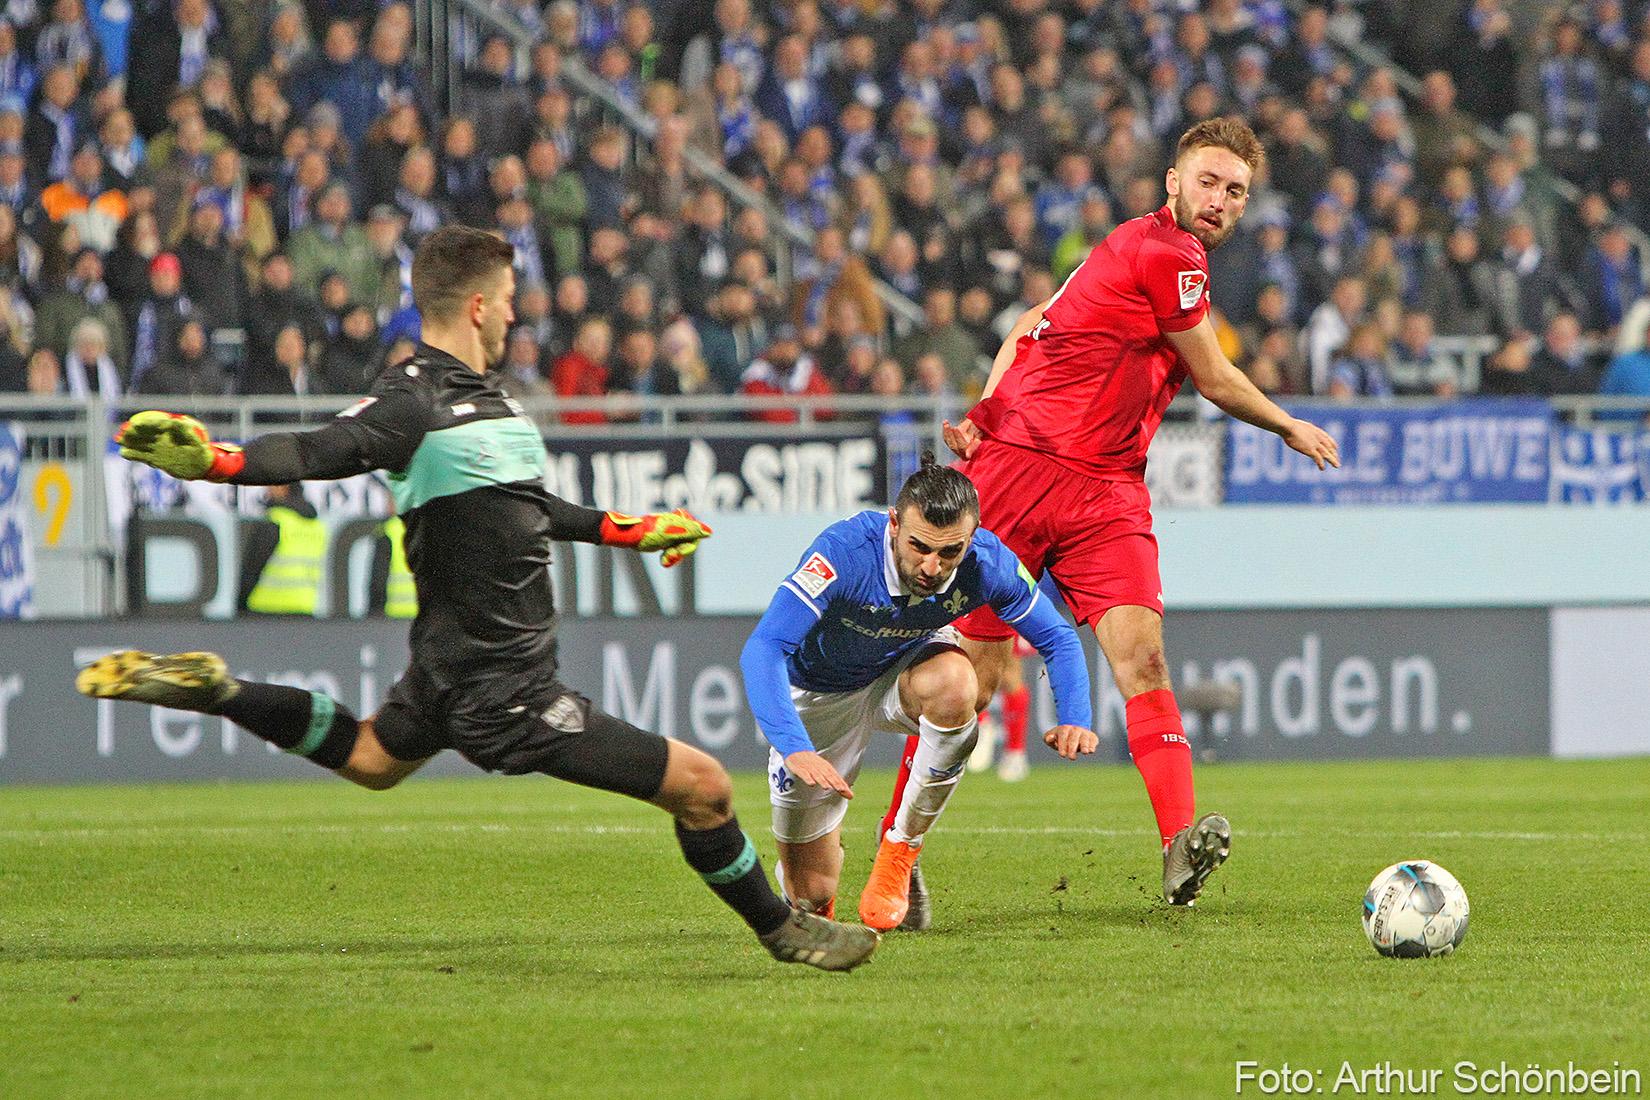 Impressionen vom Spiel gegen den VfB Stuttgart